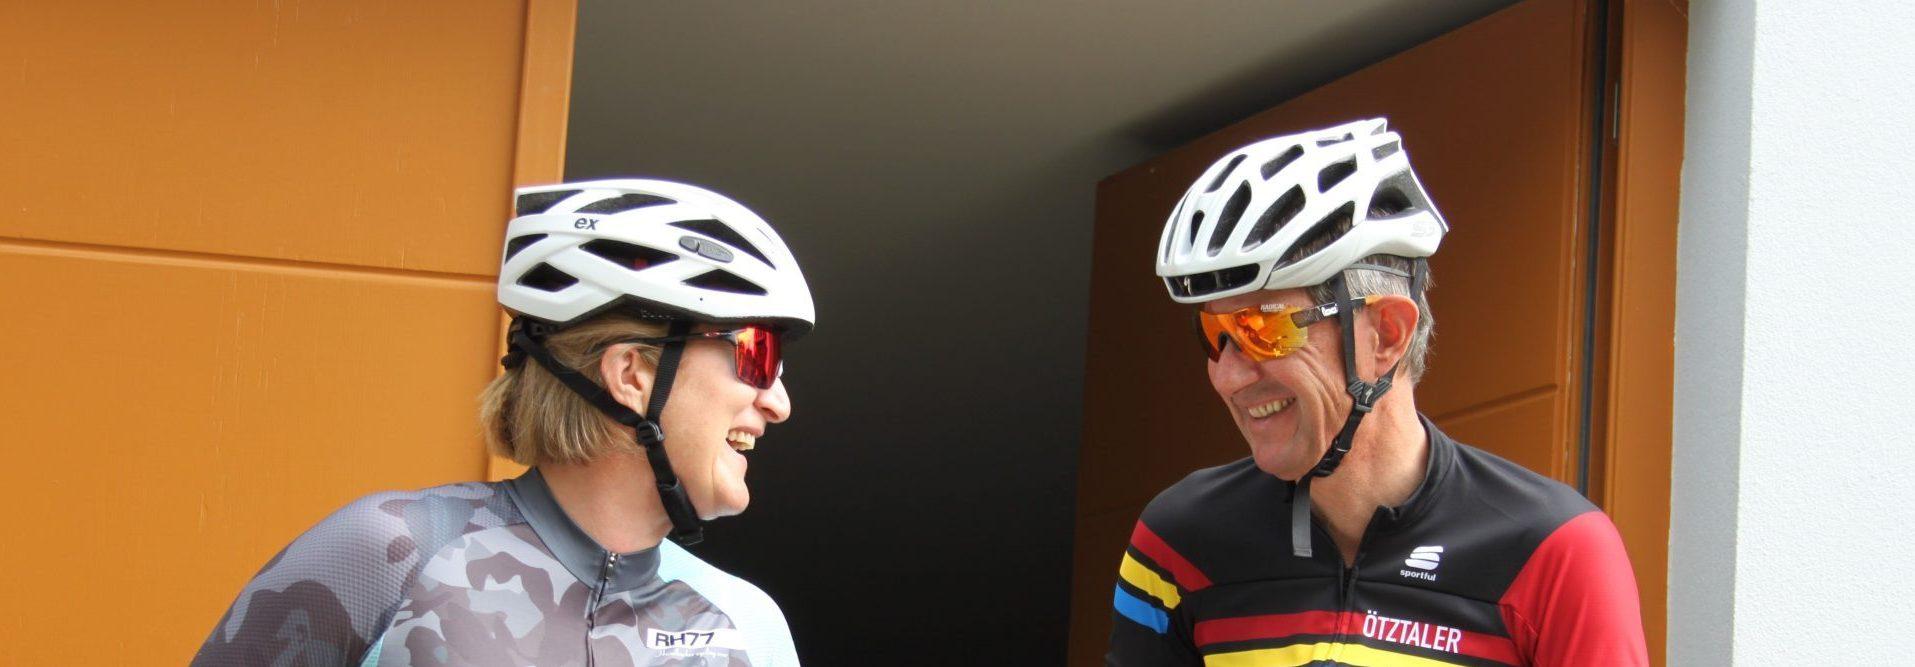 Doris und Martin SCHEIBER in Radmontour mit Fahrrädern vor dem Radkeller.